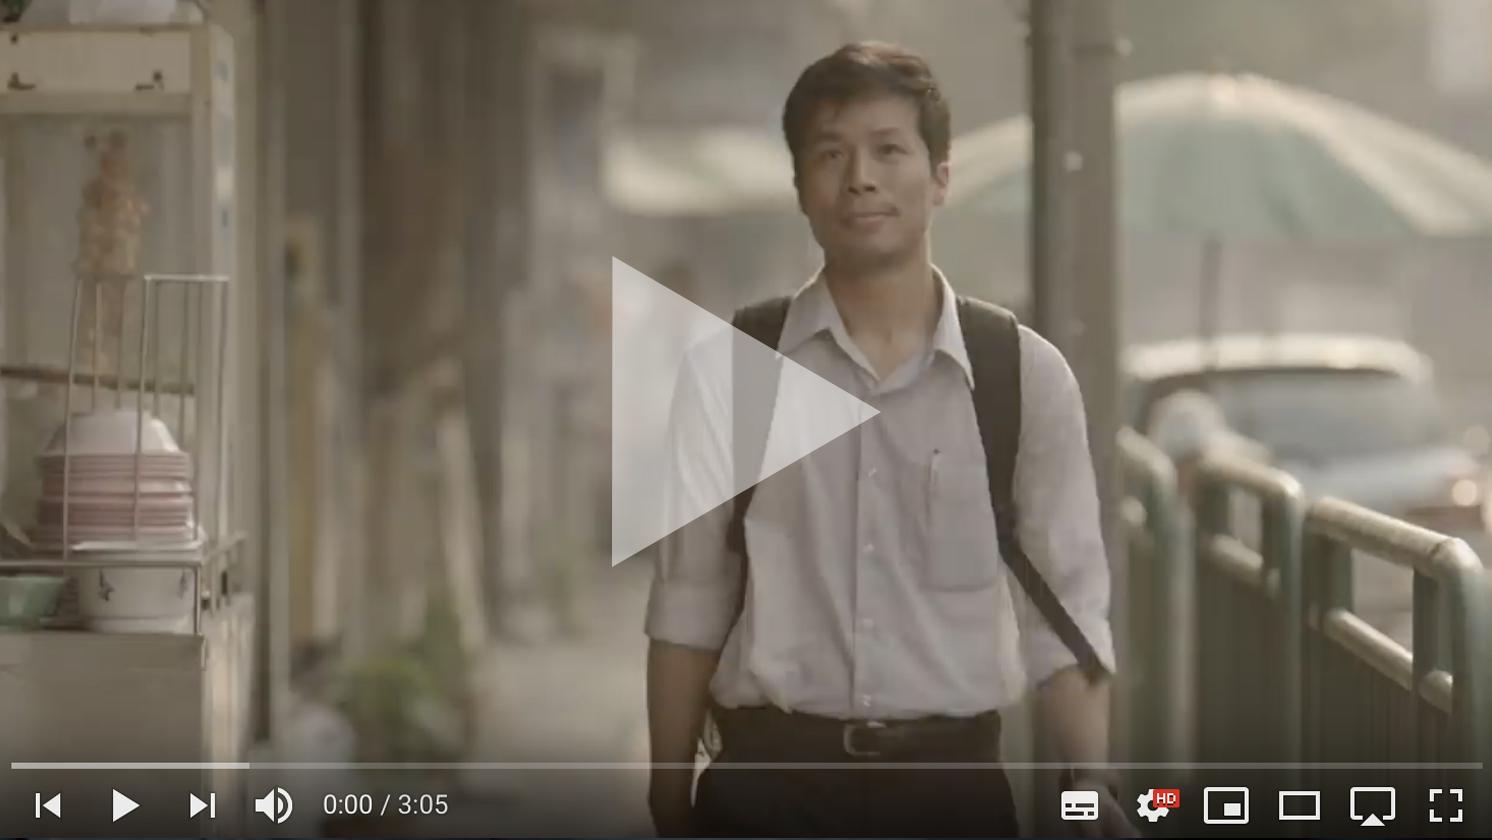 Deze afbeelding hoort bij FrankWatching Blog: Dit moet weten om jouw videos viraal te laten gaan van Stephan Makatita. Dit is een voorbeeld van een emotionele video.